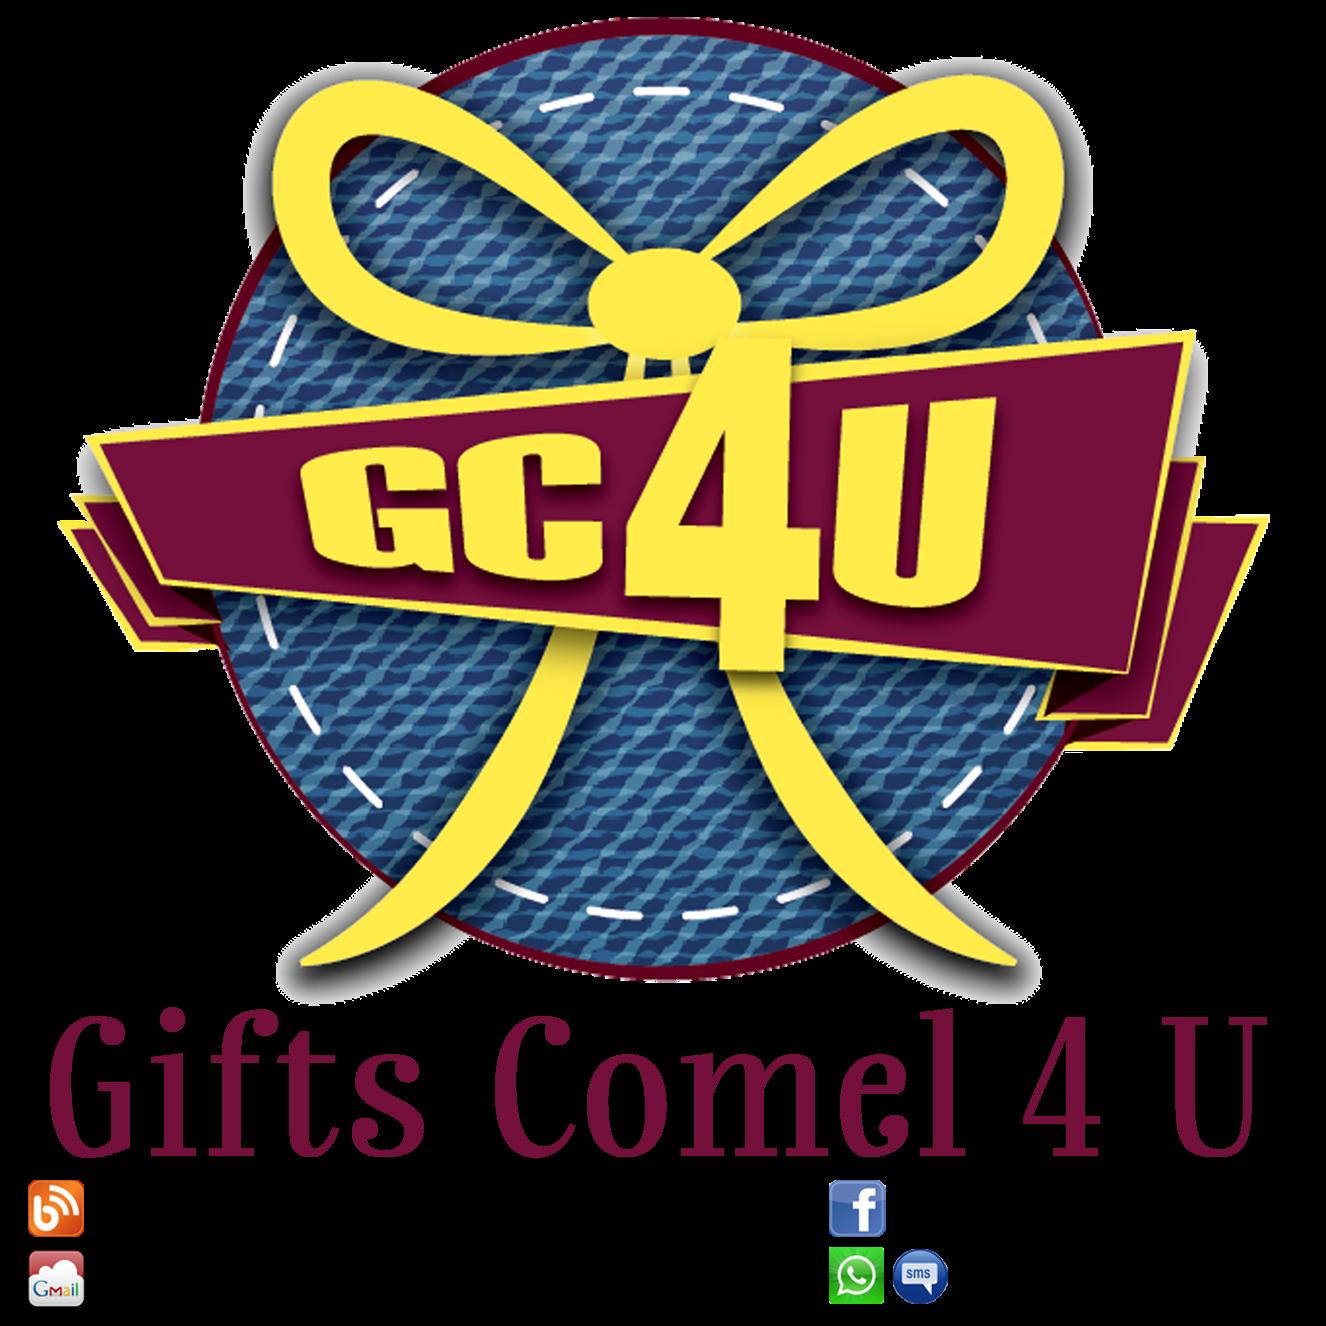 Gifts Comel 4 U